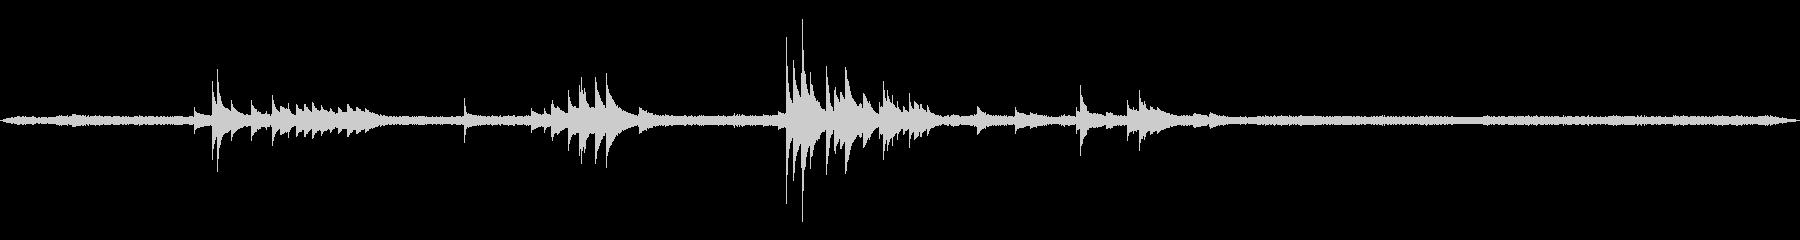 深夜の風鈴と蛙と鳥と虫の音 01の未再生の波形